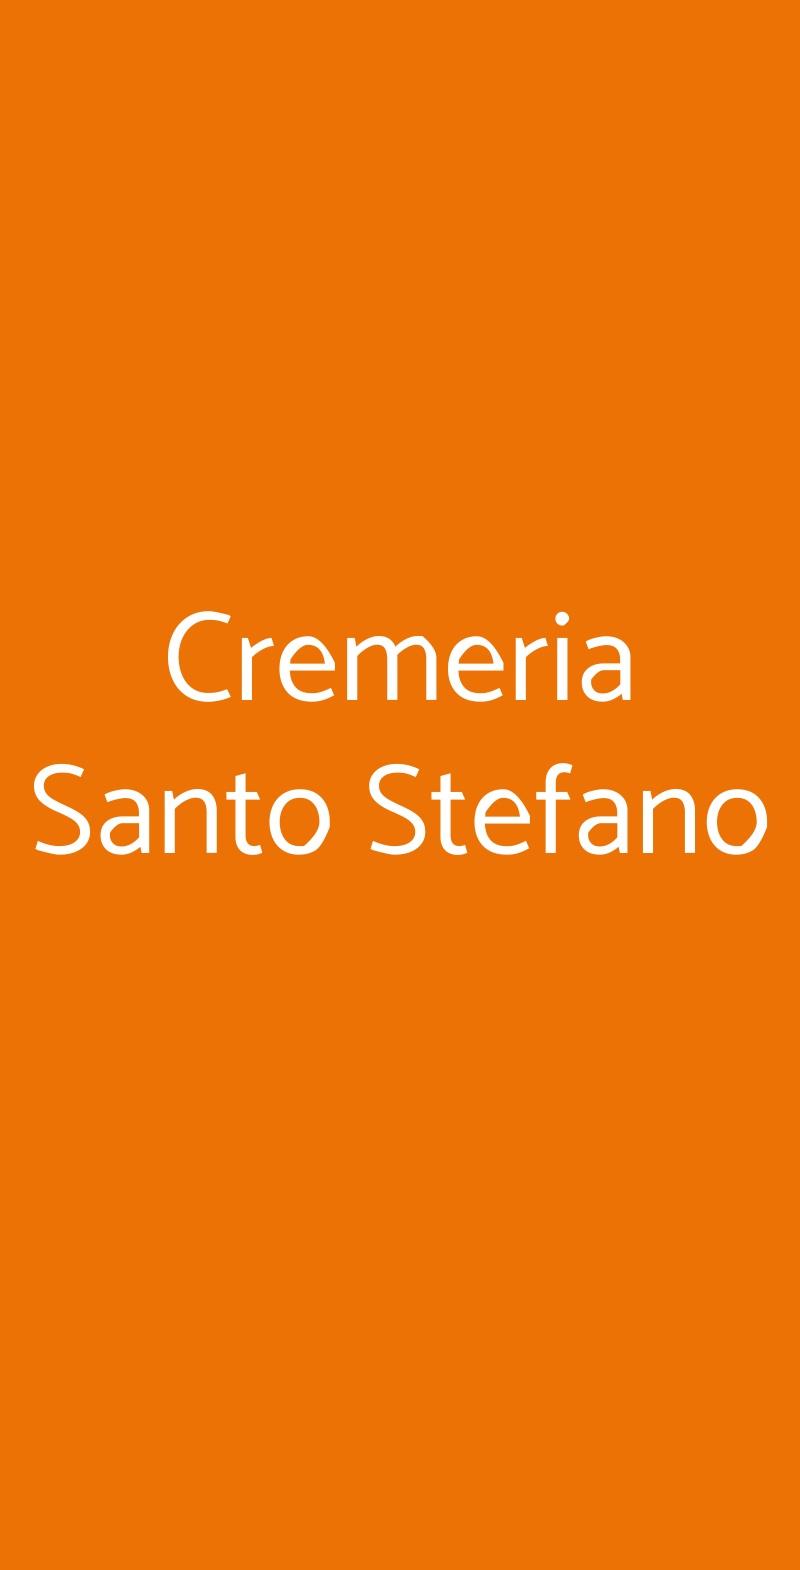 Cremeria Santo Stefano Bologna menù 1 pagina